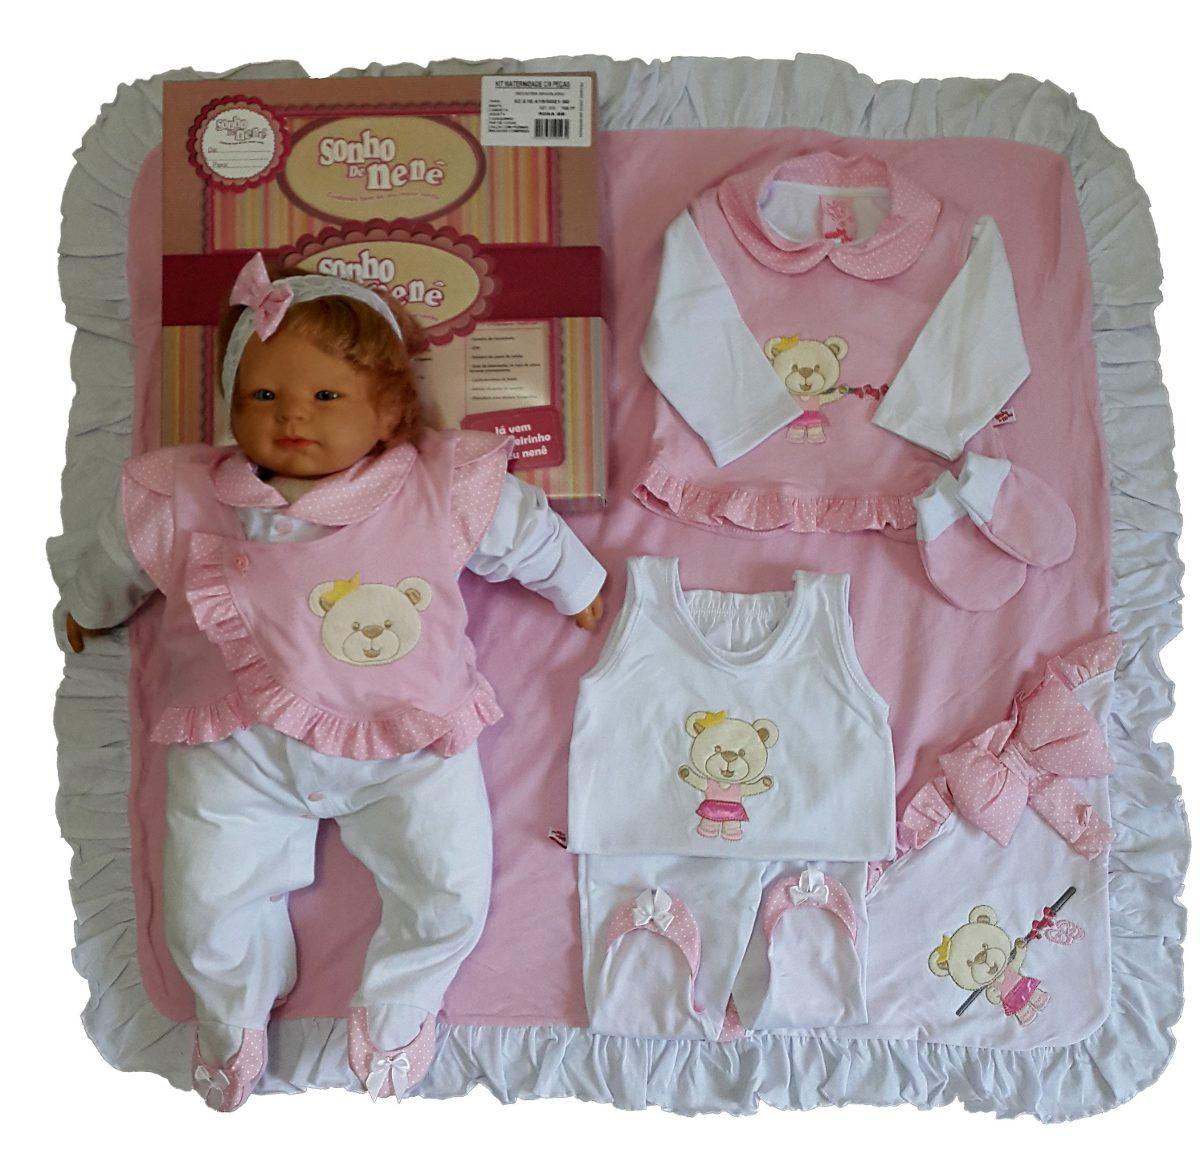 9e6835fddd535 kit saída maternidade menina rosa sonho de nenê. Carregando zoom.